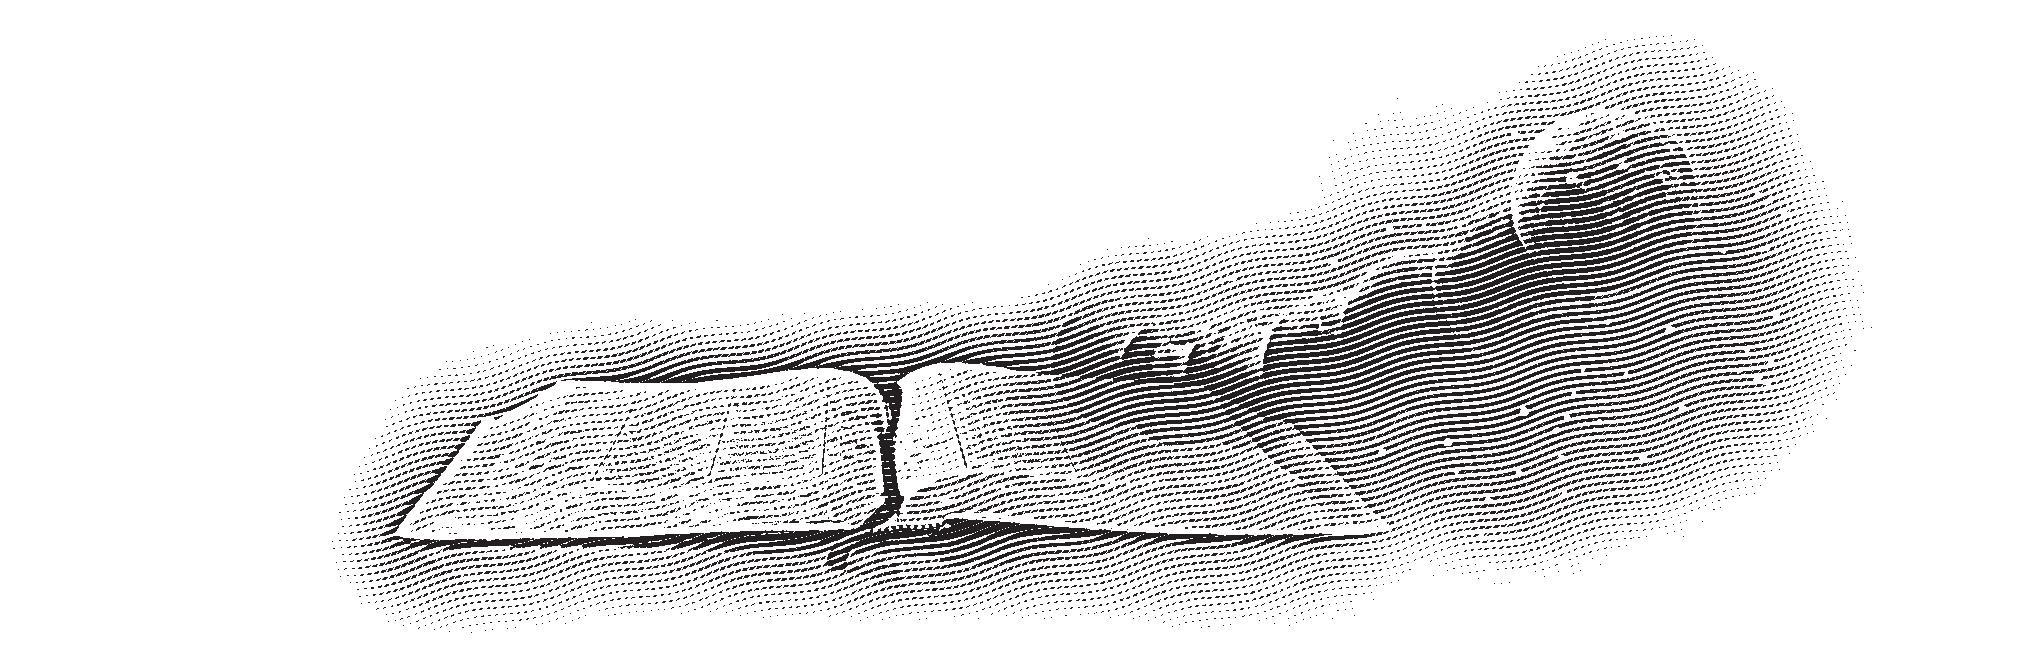 Page 64 of Skapelsen: 1. Mosebok som grunnlag – del 1